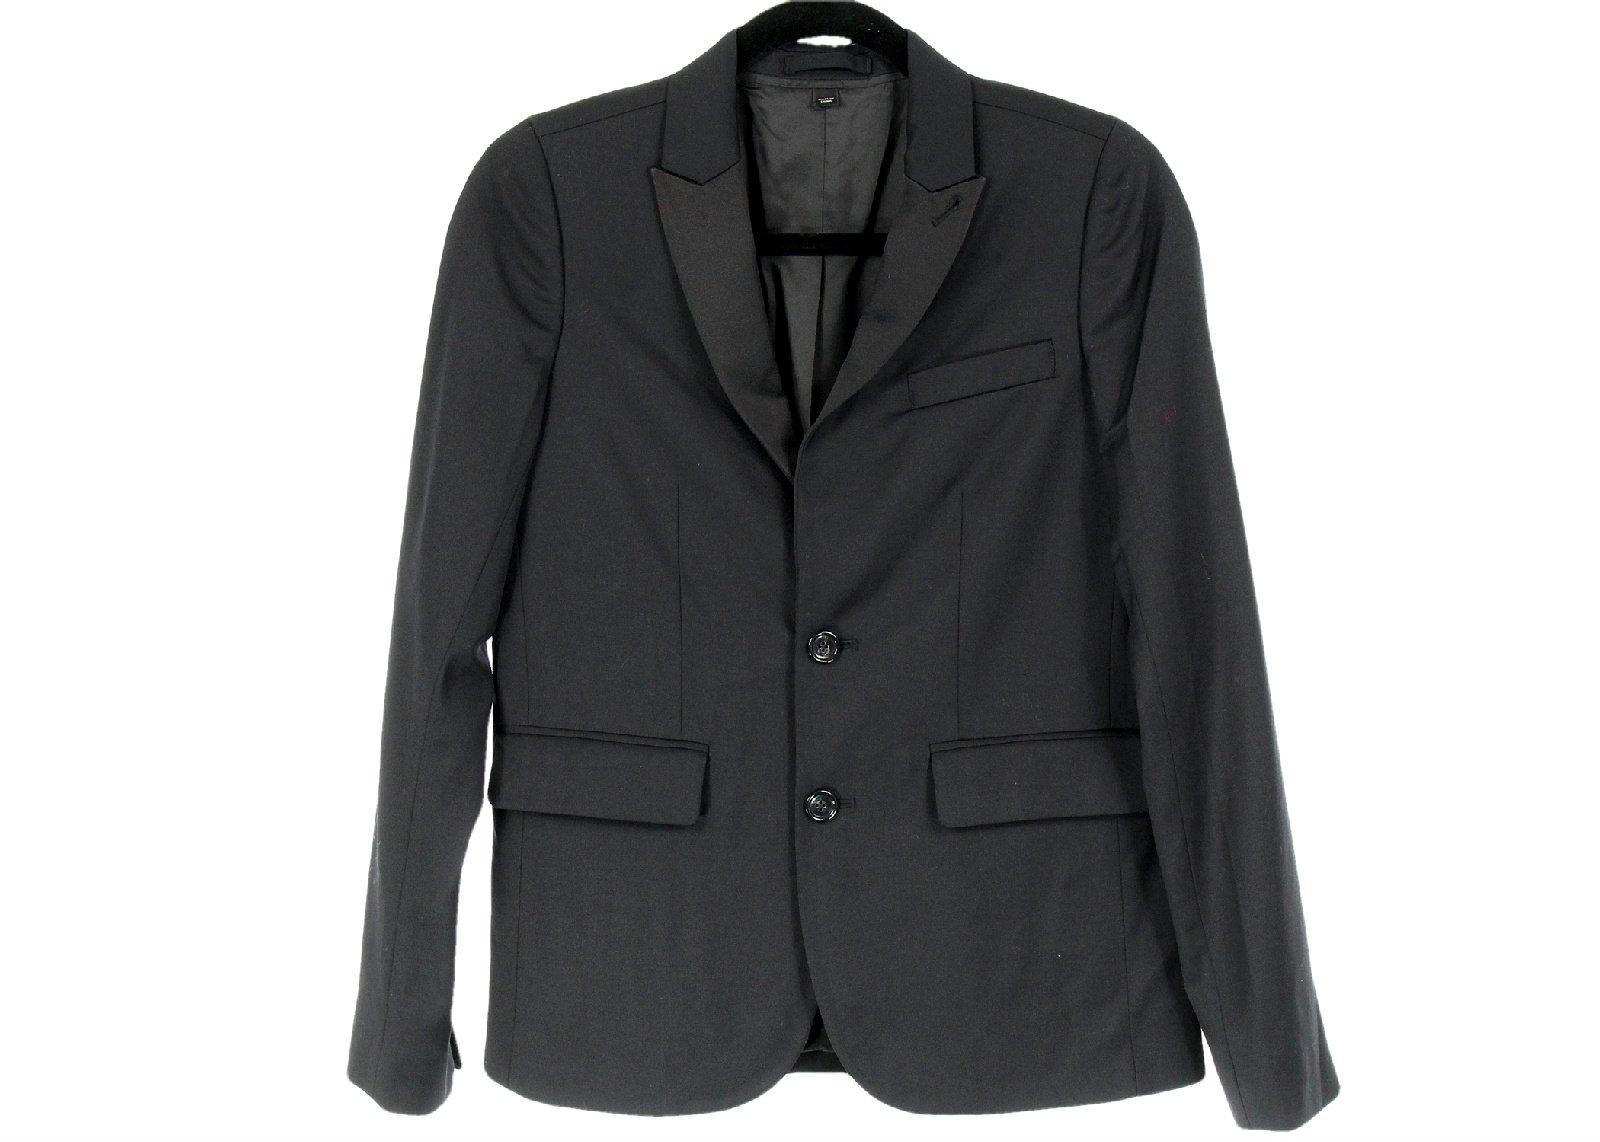 Crewcuts Ludlow Peak-Lapel Tuxedo Jacket Italian Wool 14 34245 Black by J.Crew